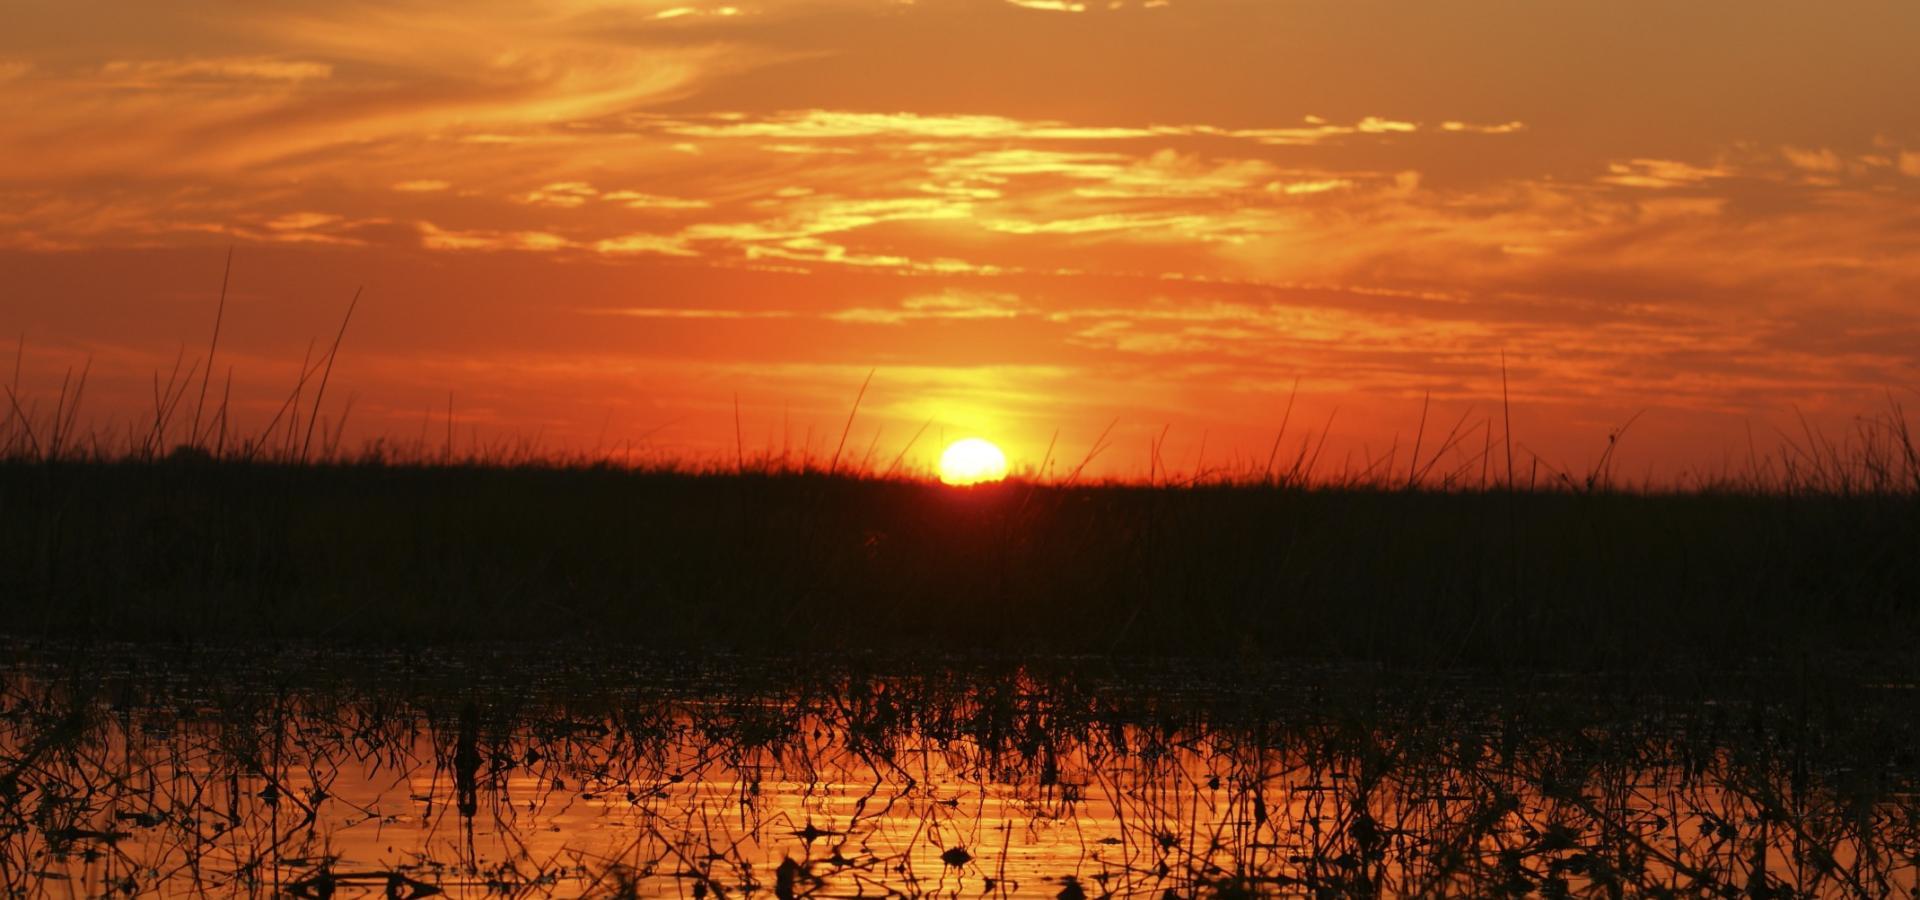 Genießen Sie romantische Sonnenuntergänge im Okavango Delta in Botswana